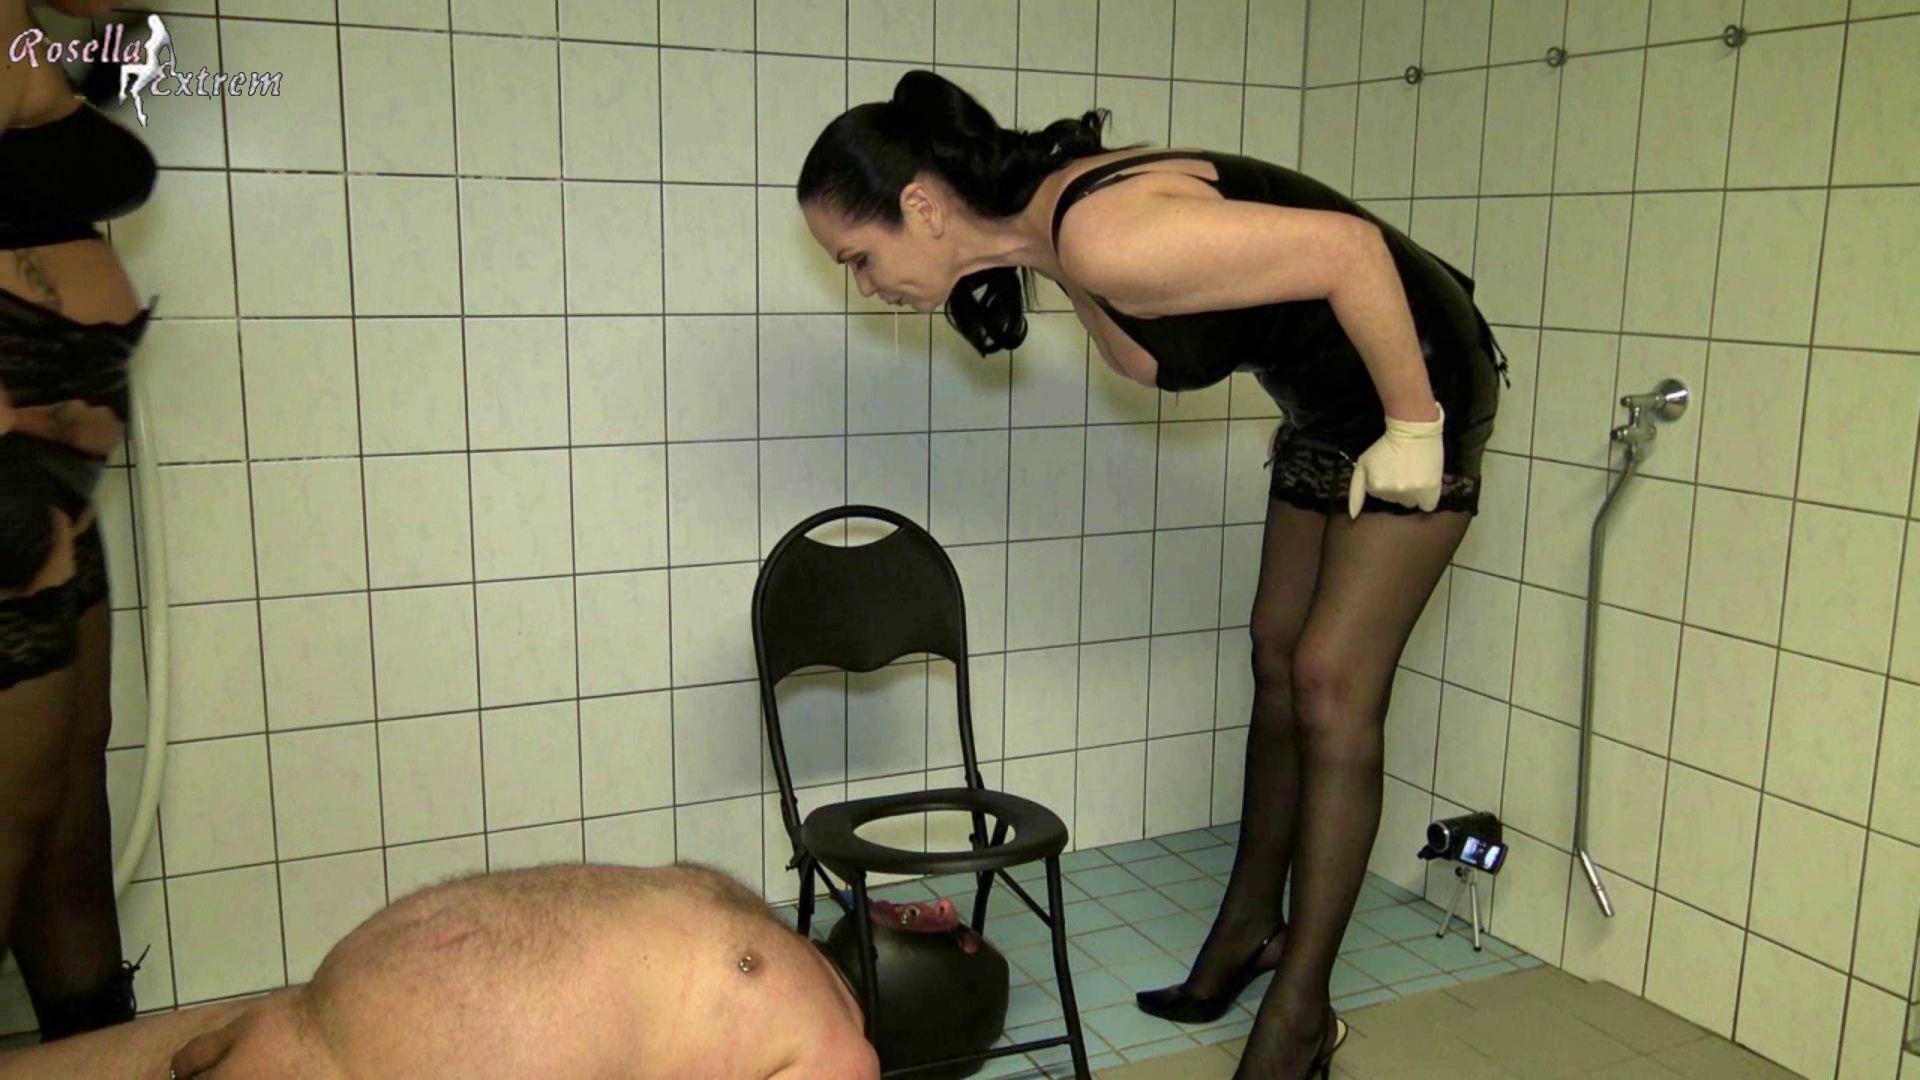 Туалет раб госпожи, Фемдом туалетный раб - видео 20 фотография